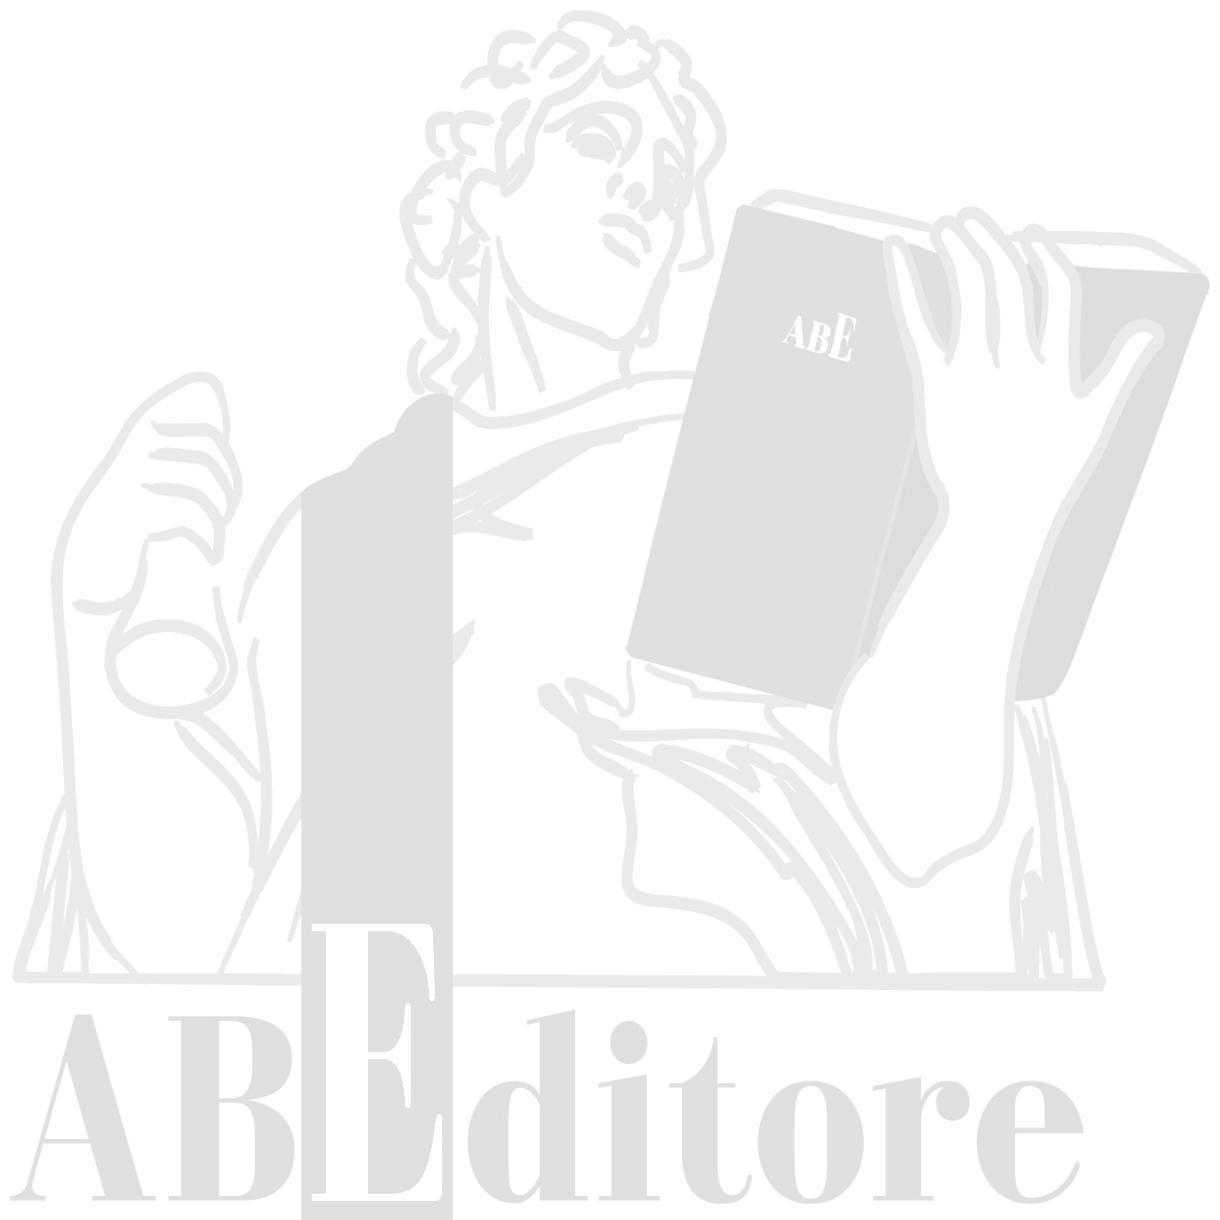 ABEditore Logo